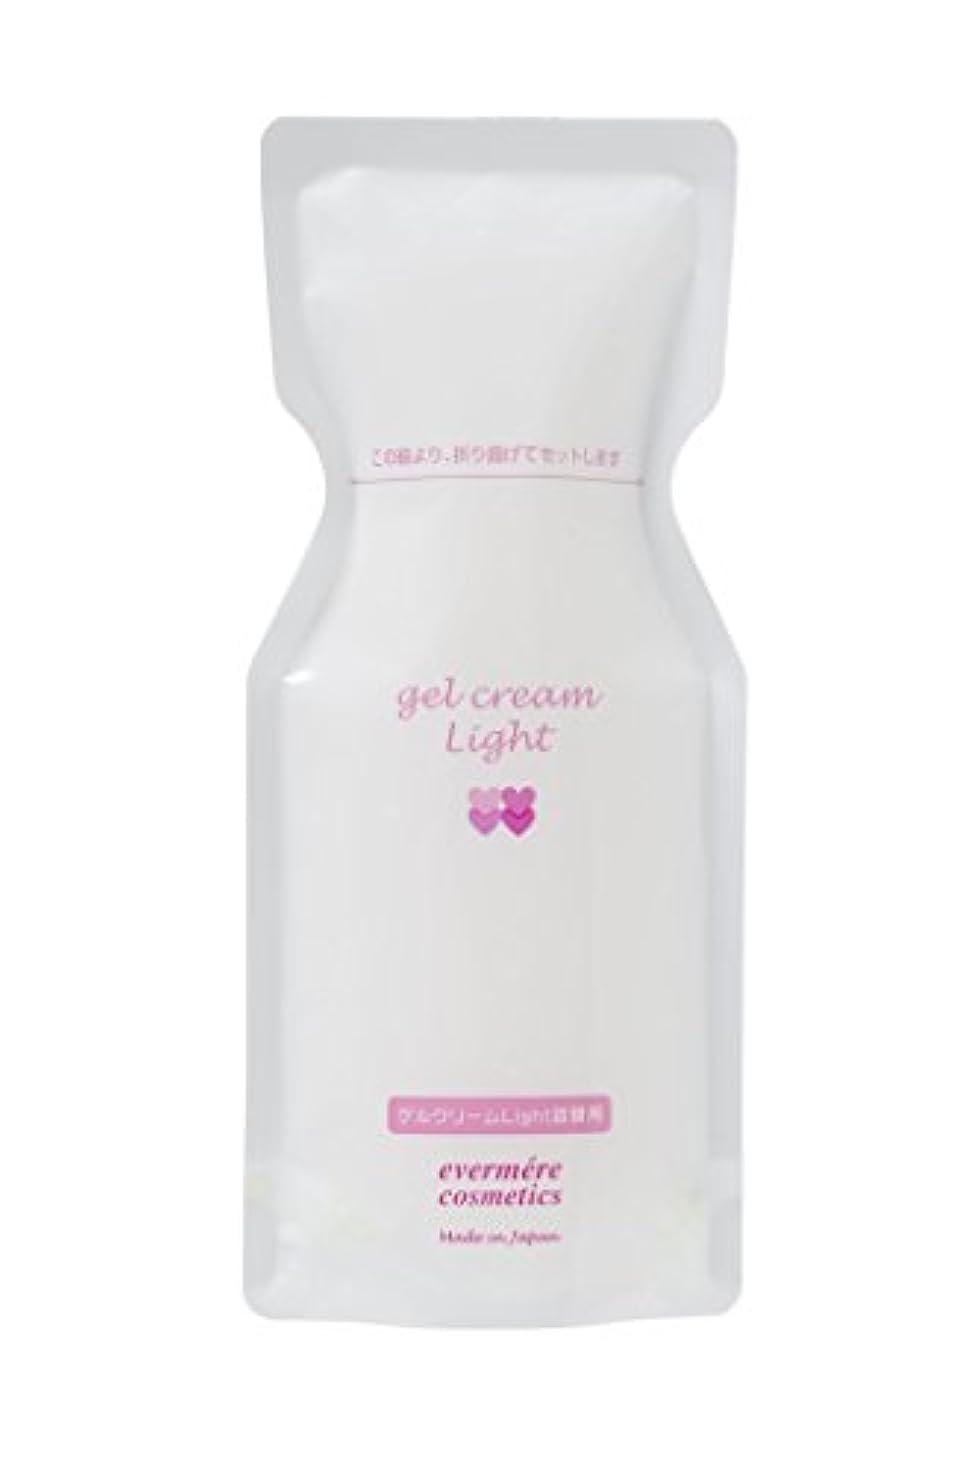 予感いとこ構成エバメール ゲルクリームLight スキンケアー 美容液 洗顔後 詰替用パウチ 保湿クリーム 110g